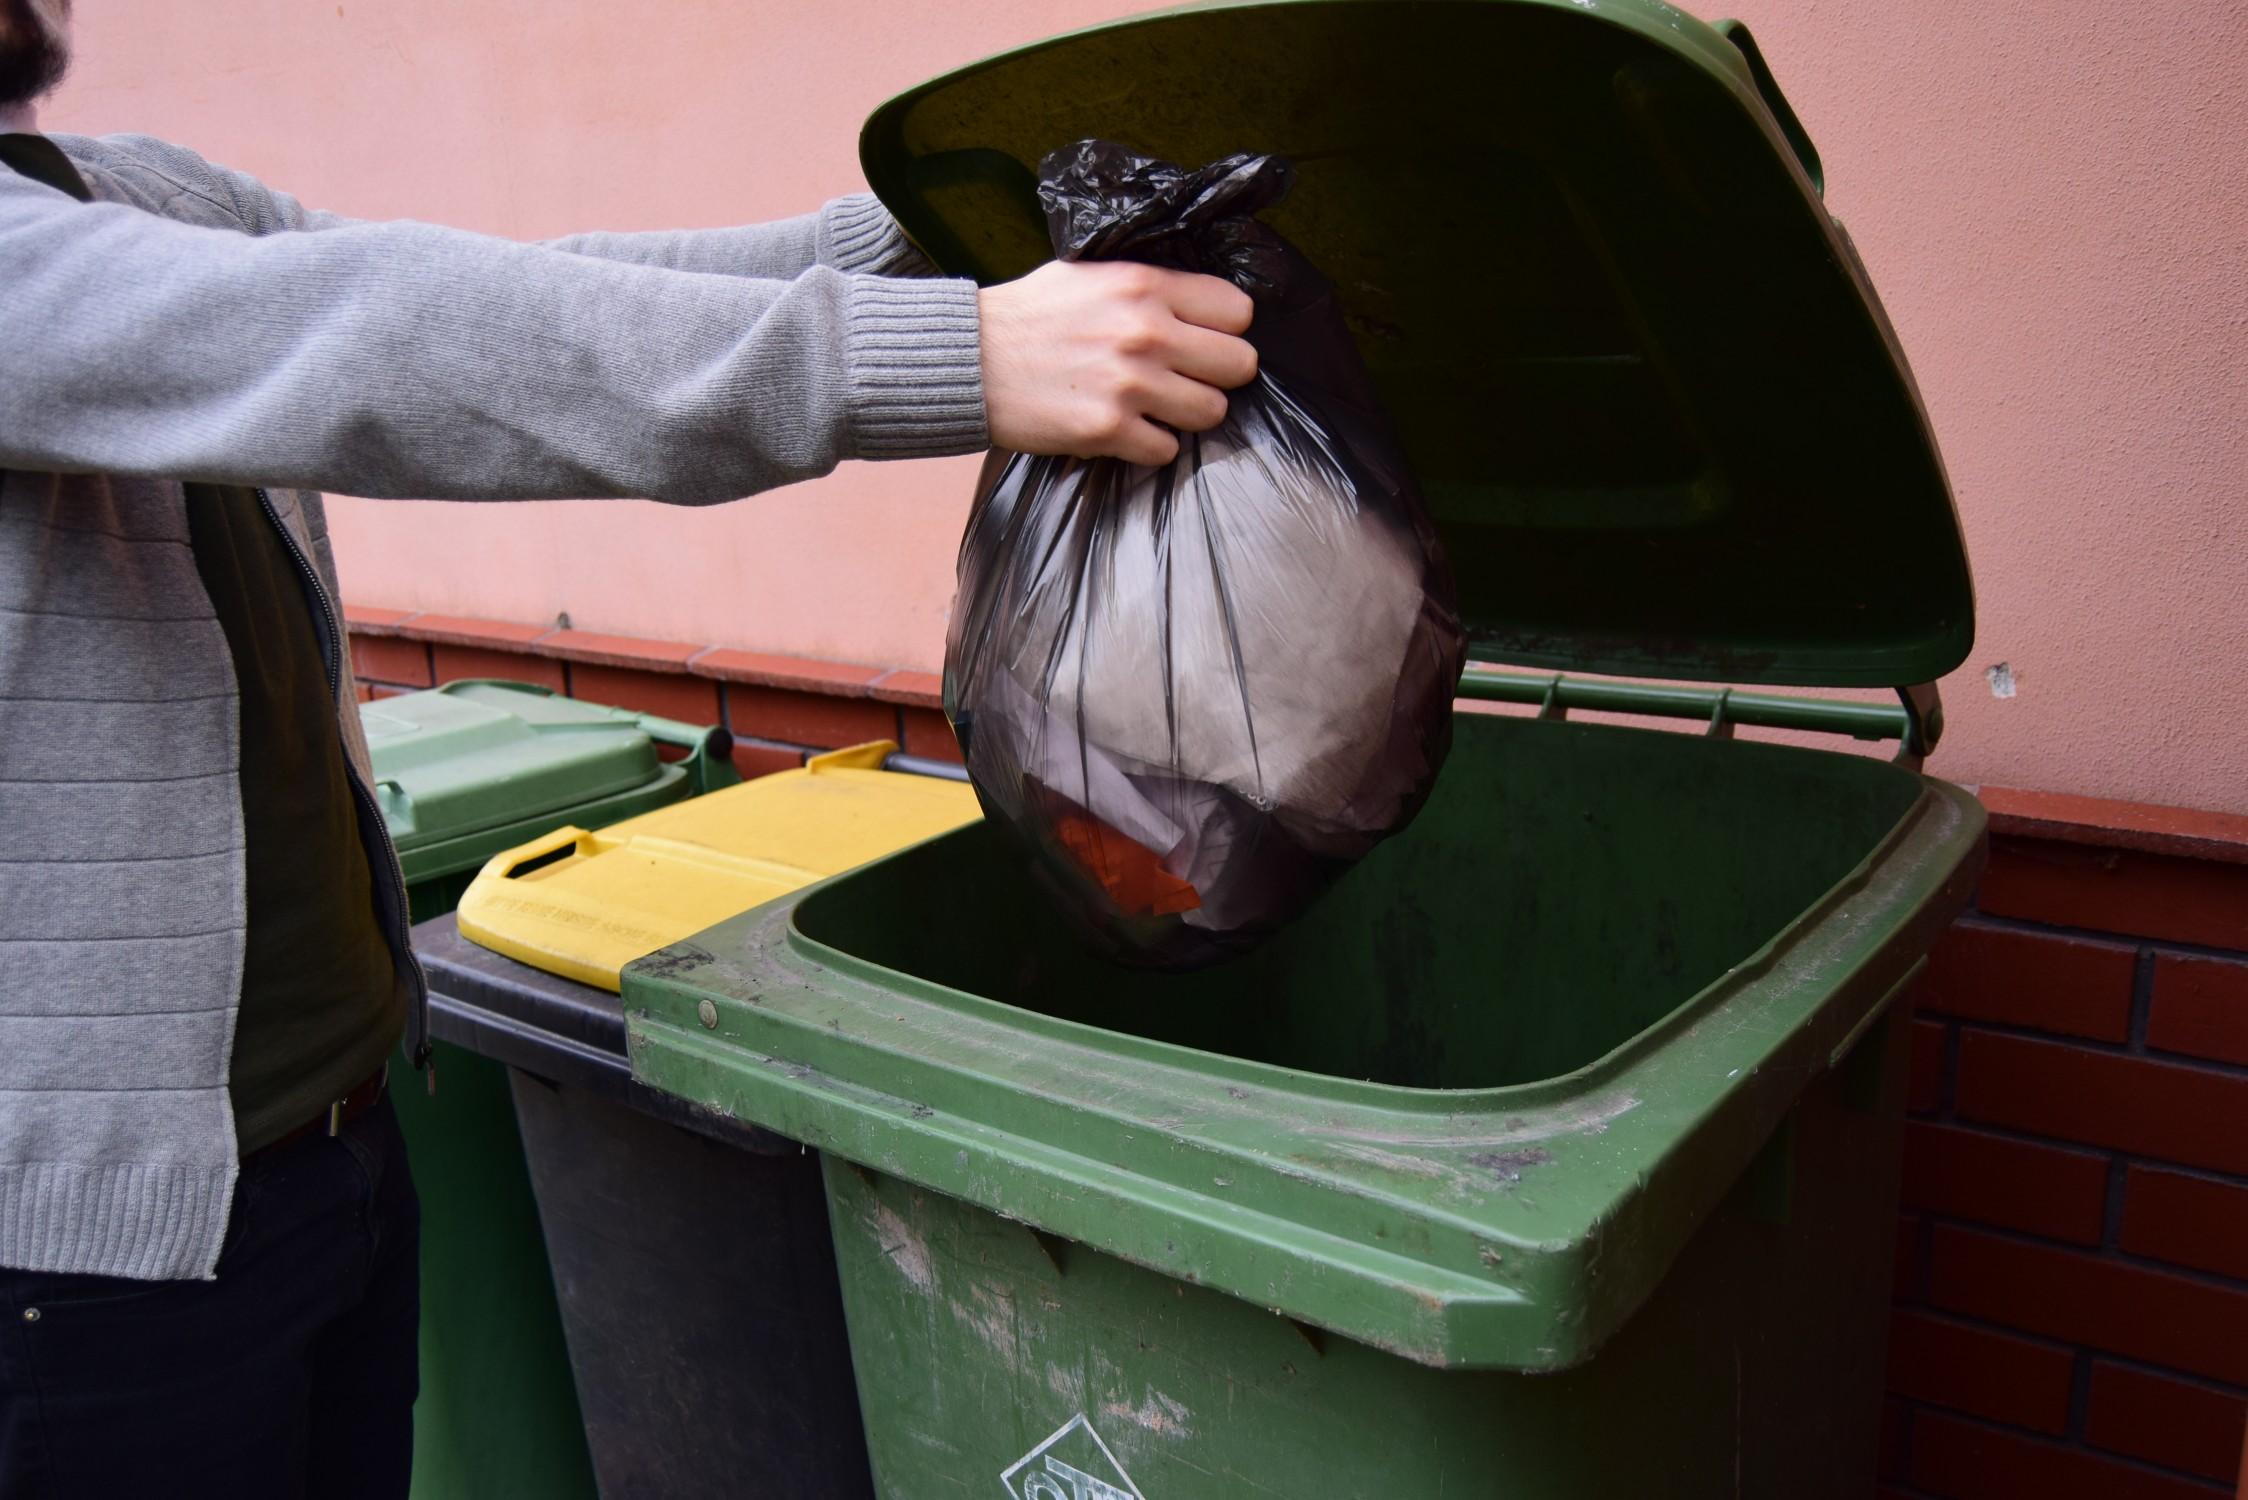 W Majdanie Królewskim cena za śmieci będzie wyższa? - Zdjęcie główne